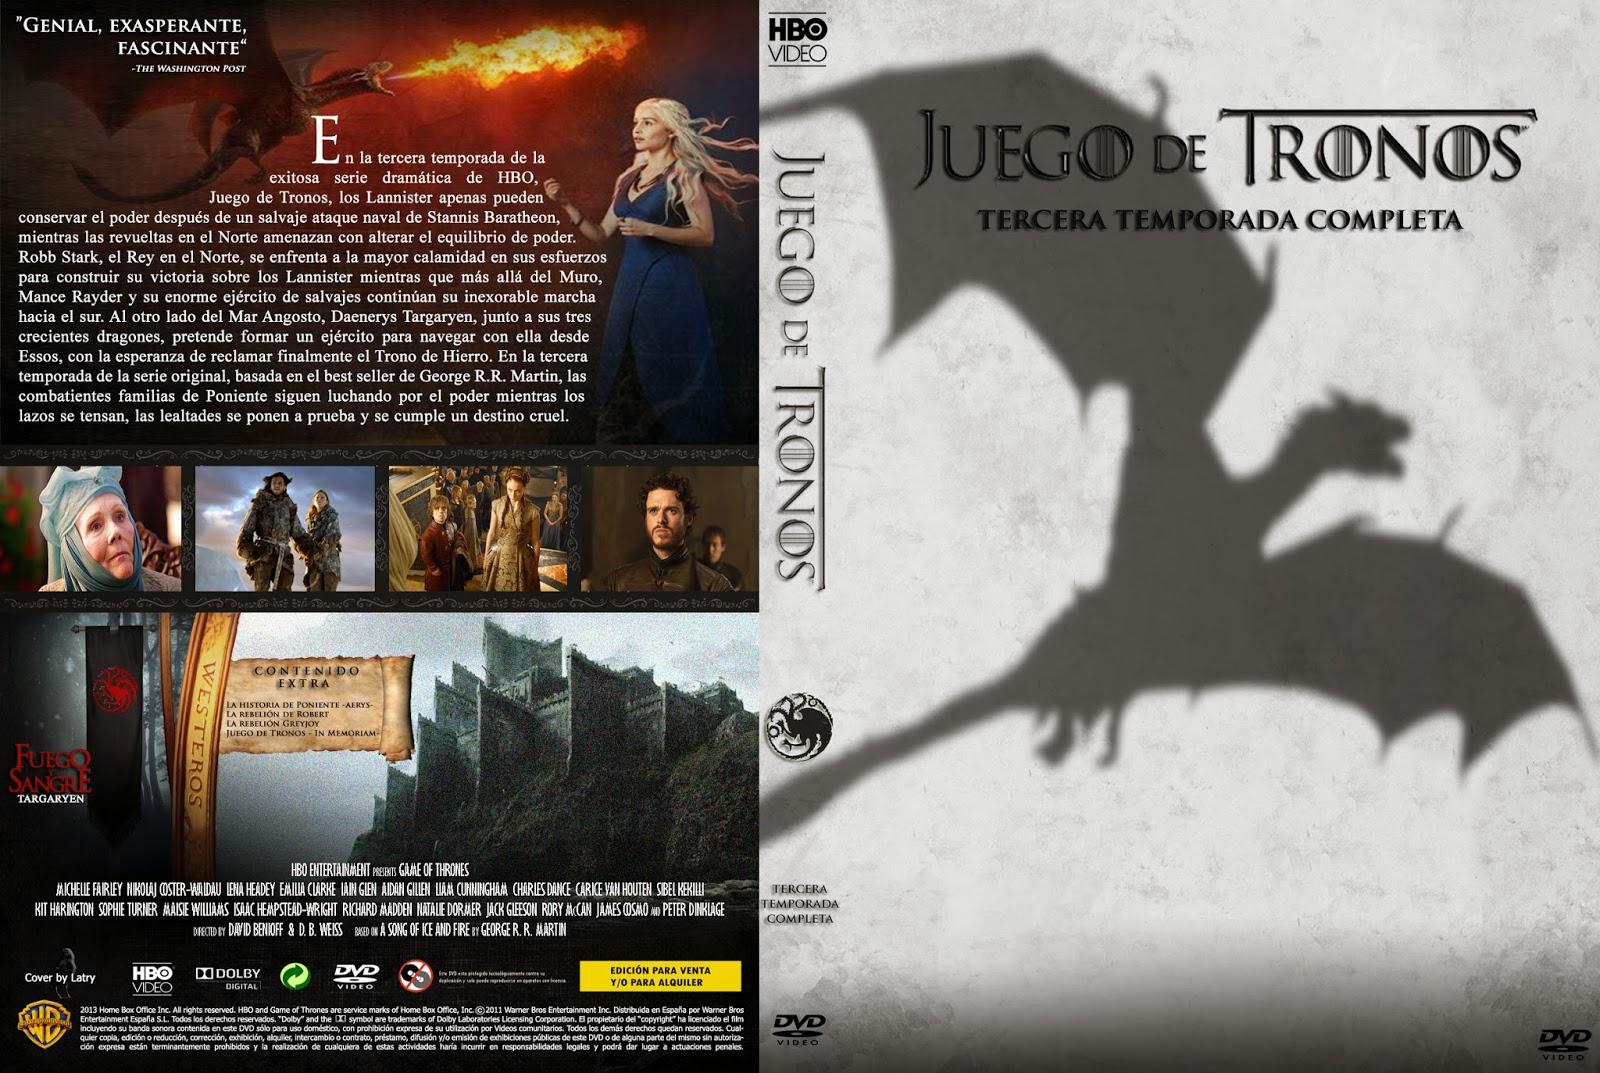 Series pepito juego tronos temporada 4 : Ind vs sl series 2012 schedule